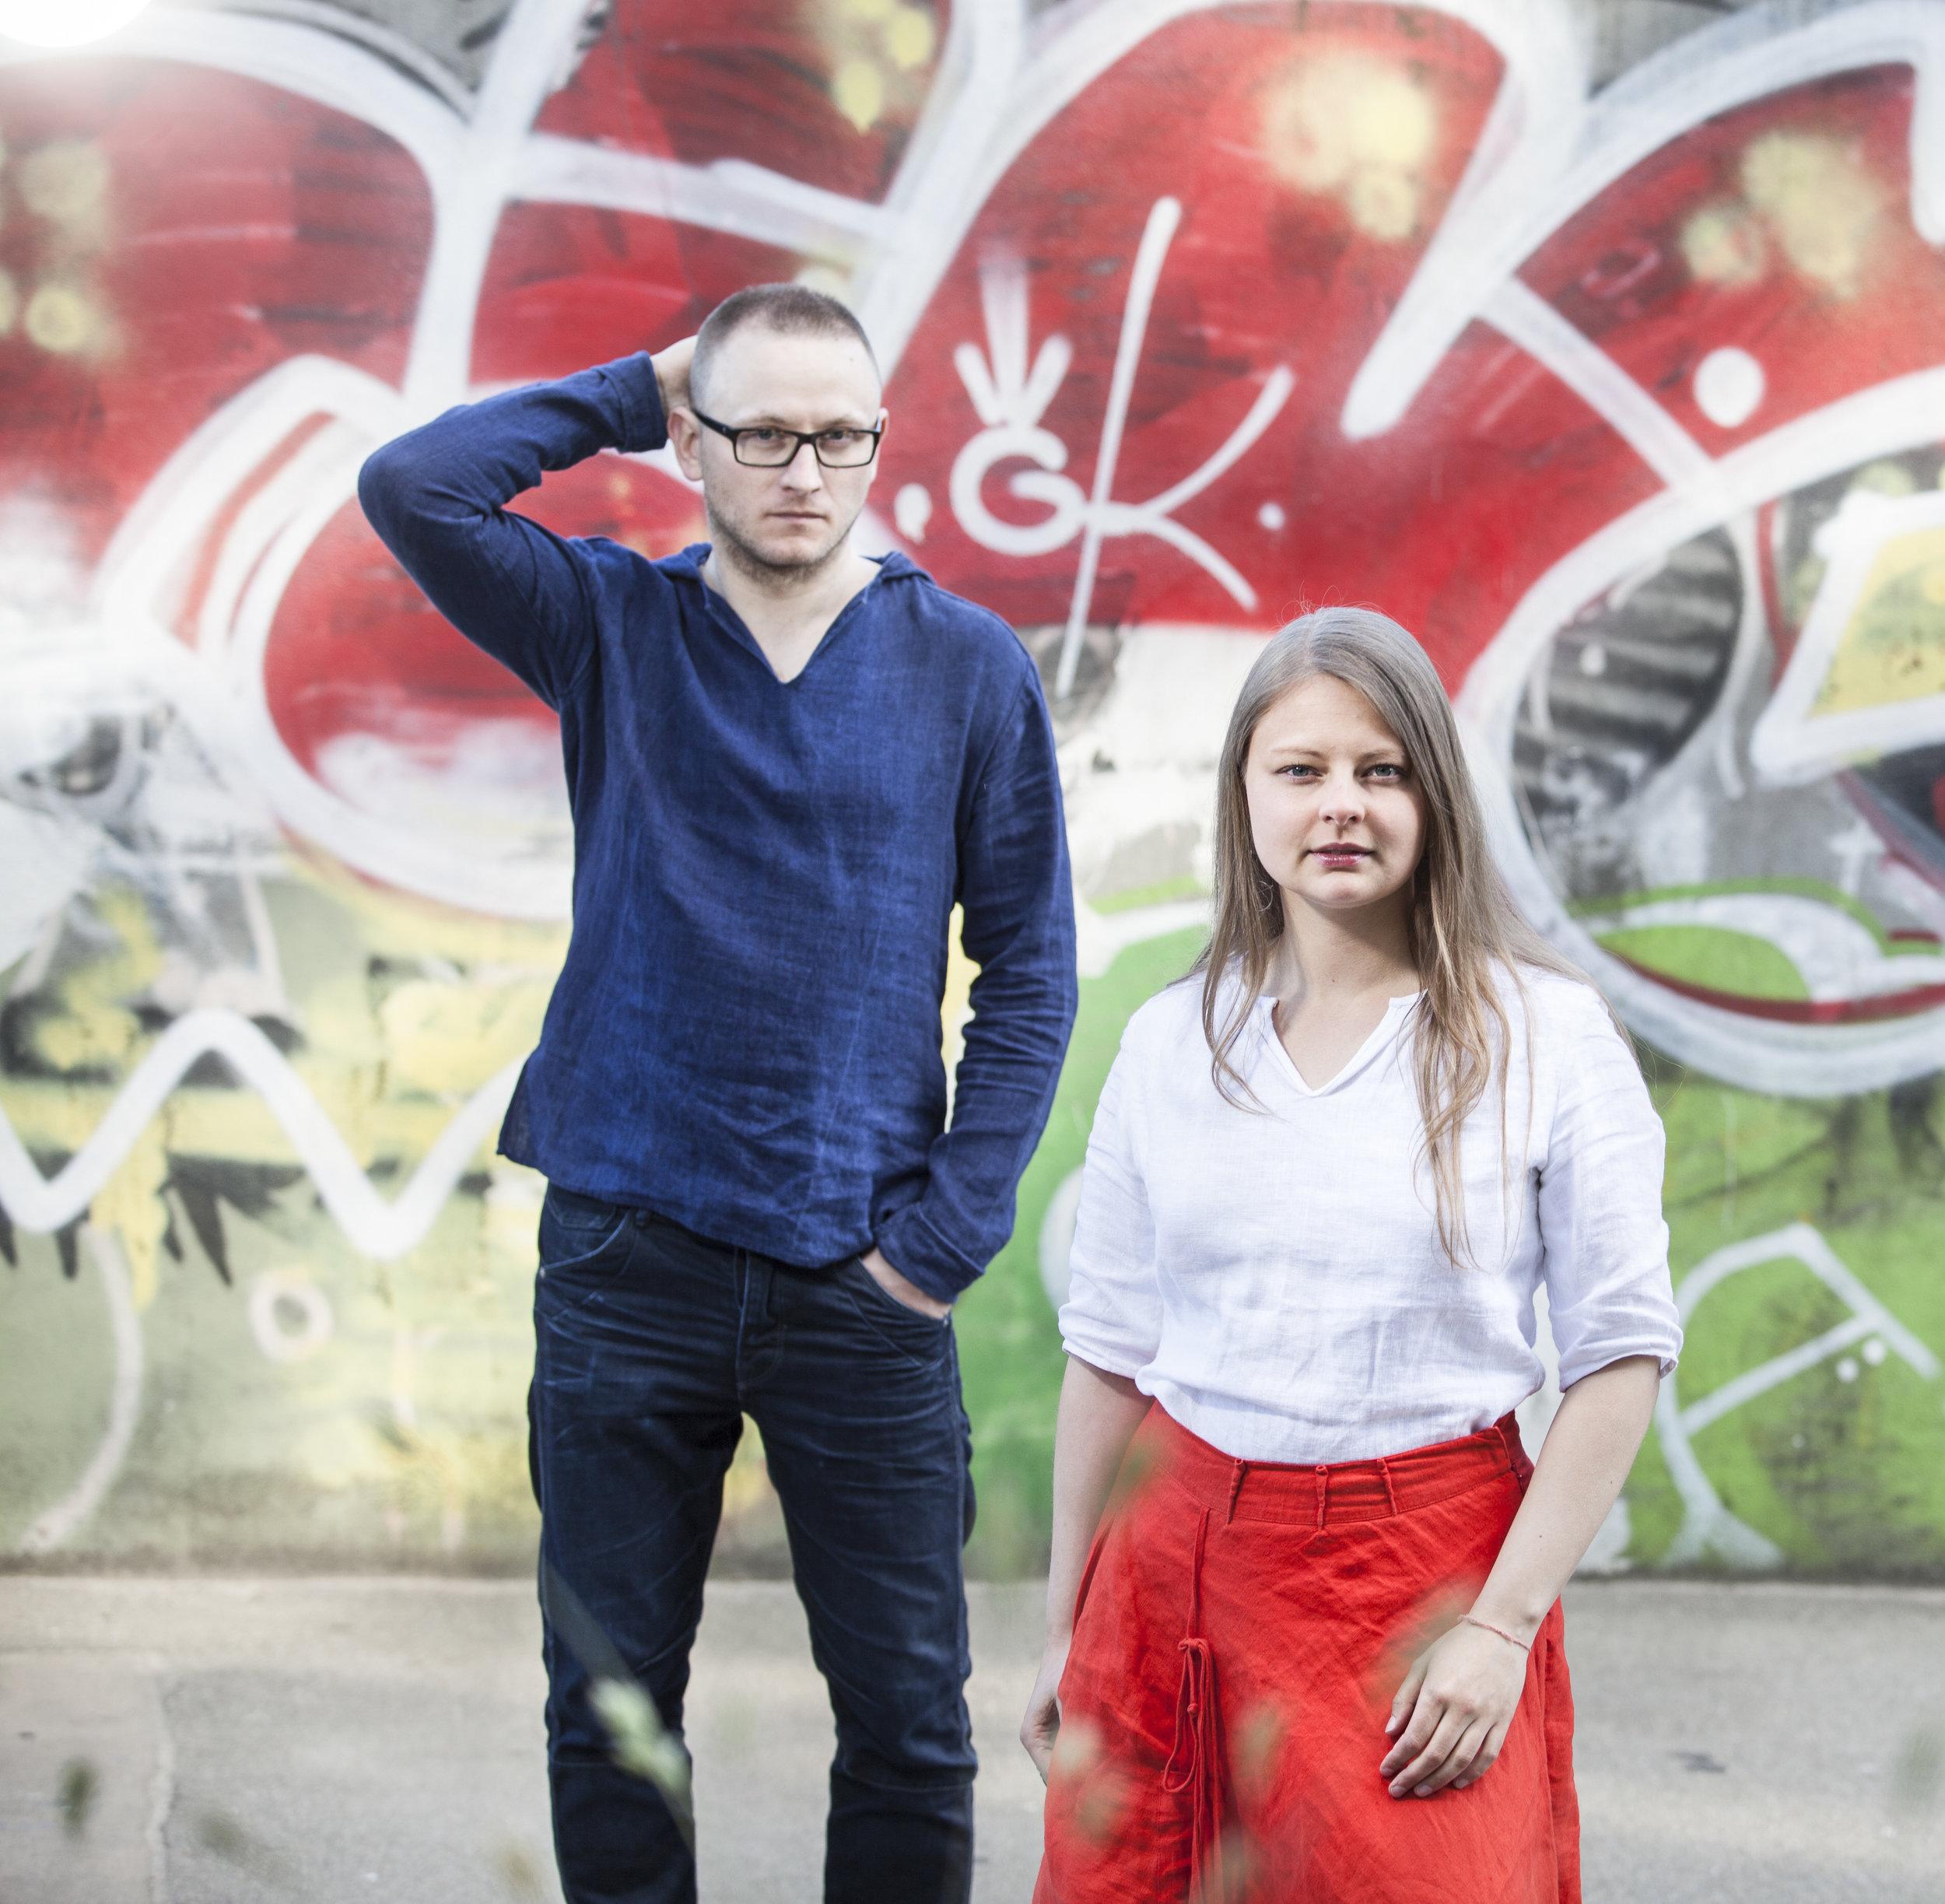 DJ Mosnta (Uldis Cirulis), Laima Jansone  kokle    ライマ・ヤンソーネ はラトビア民族弦楽器クアクレの名手である。彼女の演奏スタイルは即興性を重視しており、瞑想と衝動、古代と現代の音楽が相互に作用している。ライマ・ヤンソーネは2011年にCD「シドラブス(Sidrabs)」をリリースし、音楽家及び作曲家としてそのキャリアをスタートさせた。2014年にはクアクレ奏者としての斬新な運動が評価され、ラトビア音楽大賞にノミネートされた。彼女はクアクレ演奏の技術の幅を広げると同時にエスニックジャズ、アンビエント、クラシック等のジャンルも取り入れている。ラトビア最大のコンサートホールでの演奏を始めとし、イタリア、ベルギー、オーストラリア、ノルウェー、ドイツ、日本やアメリカ等でも公演を行っている。   Laima Jansone is a virtuoso of the  kokle,  a traditional Latvian instrument. Improvisation is an important part of her performance style, with a musical interaction between the meditative and impulsive; the ancient and contemporary. Laima Jansone started her professional career as a musician and a composer in 2011 by releasing her first solo CD, Sidrabs. In 2014, she was nominated for the Great Music Award of Latvia for her work in starting a new movement of kokle players. She has expanded kokle playing techniques and has also embraced genres such as ethno jazz, ambient and classical music. She has brought her performances to the public at the largest concert halls in Latvia as well as in Italy, Belgium, Australia, Norway, Germany, Japan, USA, etc.    モンスタ(本名ウルディス・ツィールリス)はラトビアで一番経験豊富なDJの一人。エレクトロミュージシャン、スクラッチDJ、ターンテーブリストで、音楽プロデューサーである。新しいテクノロジーにチャレンジするのが大好きなので、その新しい技術を駆使して、ライブやレコーディングを行う。ラトビアで一番のヒップホップとジャズのミュージシャンといろんなプロジェクトでコラボレーションした。エレクトロニックとスクラッチの試み、世界で有名なラトビアラジオ合唱団、テンソ・ヨーロッパ室内合唱団、ラトビア国立交響楽団と一緒に大規模プロジェクトに参加するなど活動は多岐にわたる。2014年ラトビア「Red Bull Thre3Style」選手権でチャンピオンに輝き、2016年の世界DMCオンライン選手権(World DMC Online Championships)で11位となった。最近はラトビアの伝統音楽に挑戦している。エレクトロニック音のバイブ、リズムと昔の価値観、ラトビアのフォークバンドとラトビアの伝統的な楽器、クアクレの名手ライマ・ヤンソーネ(Laima Jansone)と一緒に活動している。  DJ Monsta (Uldis Cirulis) is an electronic musician, scratch DJ, turntablist and producer. DJ Monsta challenges himself to use new technology when creating live music as well as in recordings. He has collaborated in several projects with Latvia's best hip hop artists and jazz musicians. Experimenting with electronics and scratch, he has participated in large-scale pr